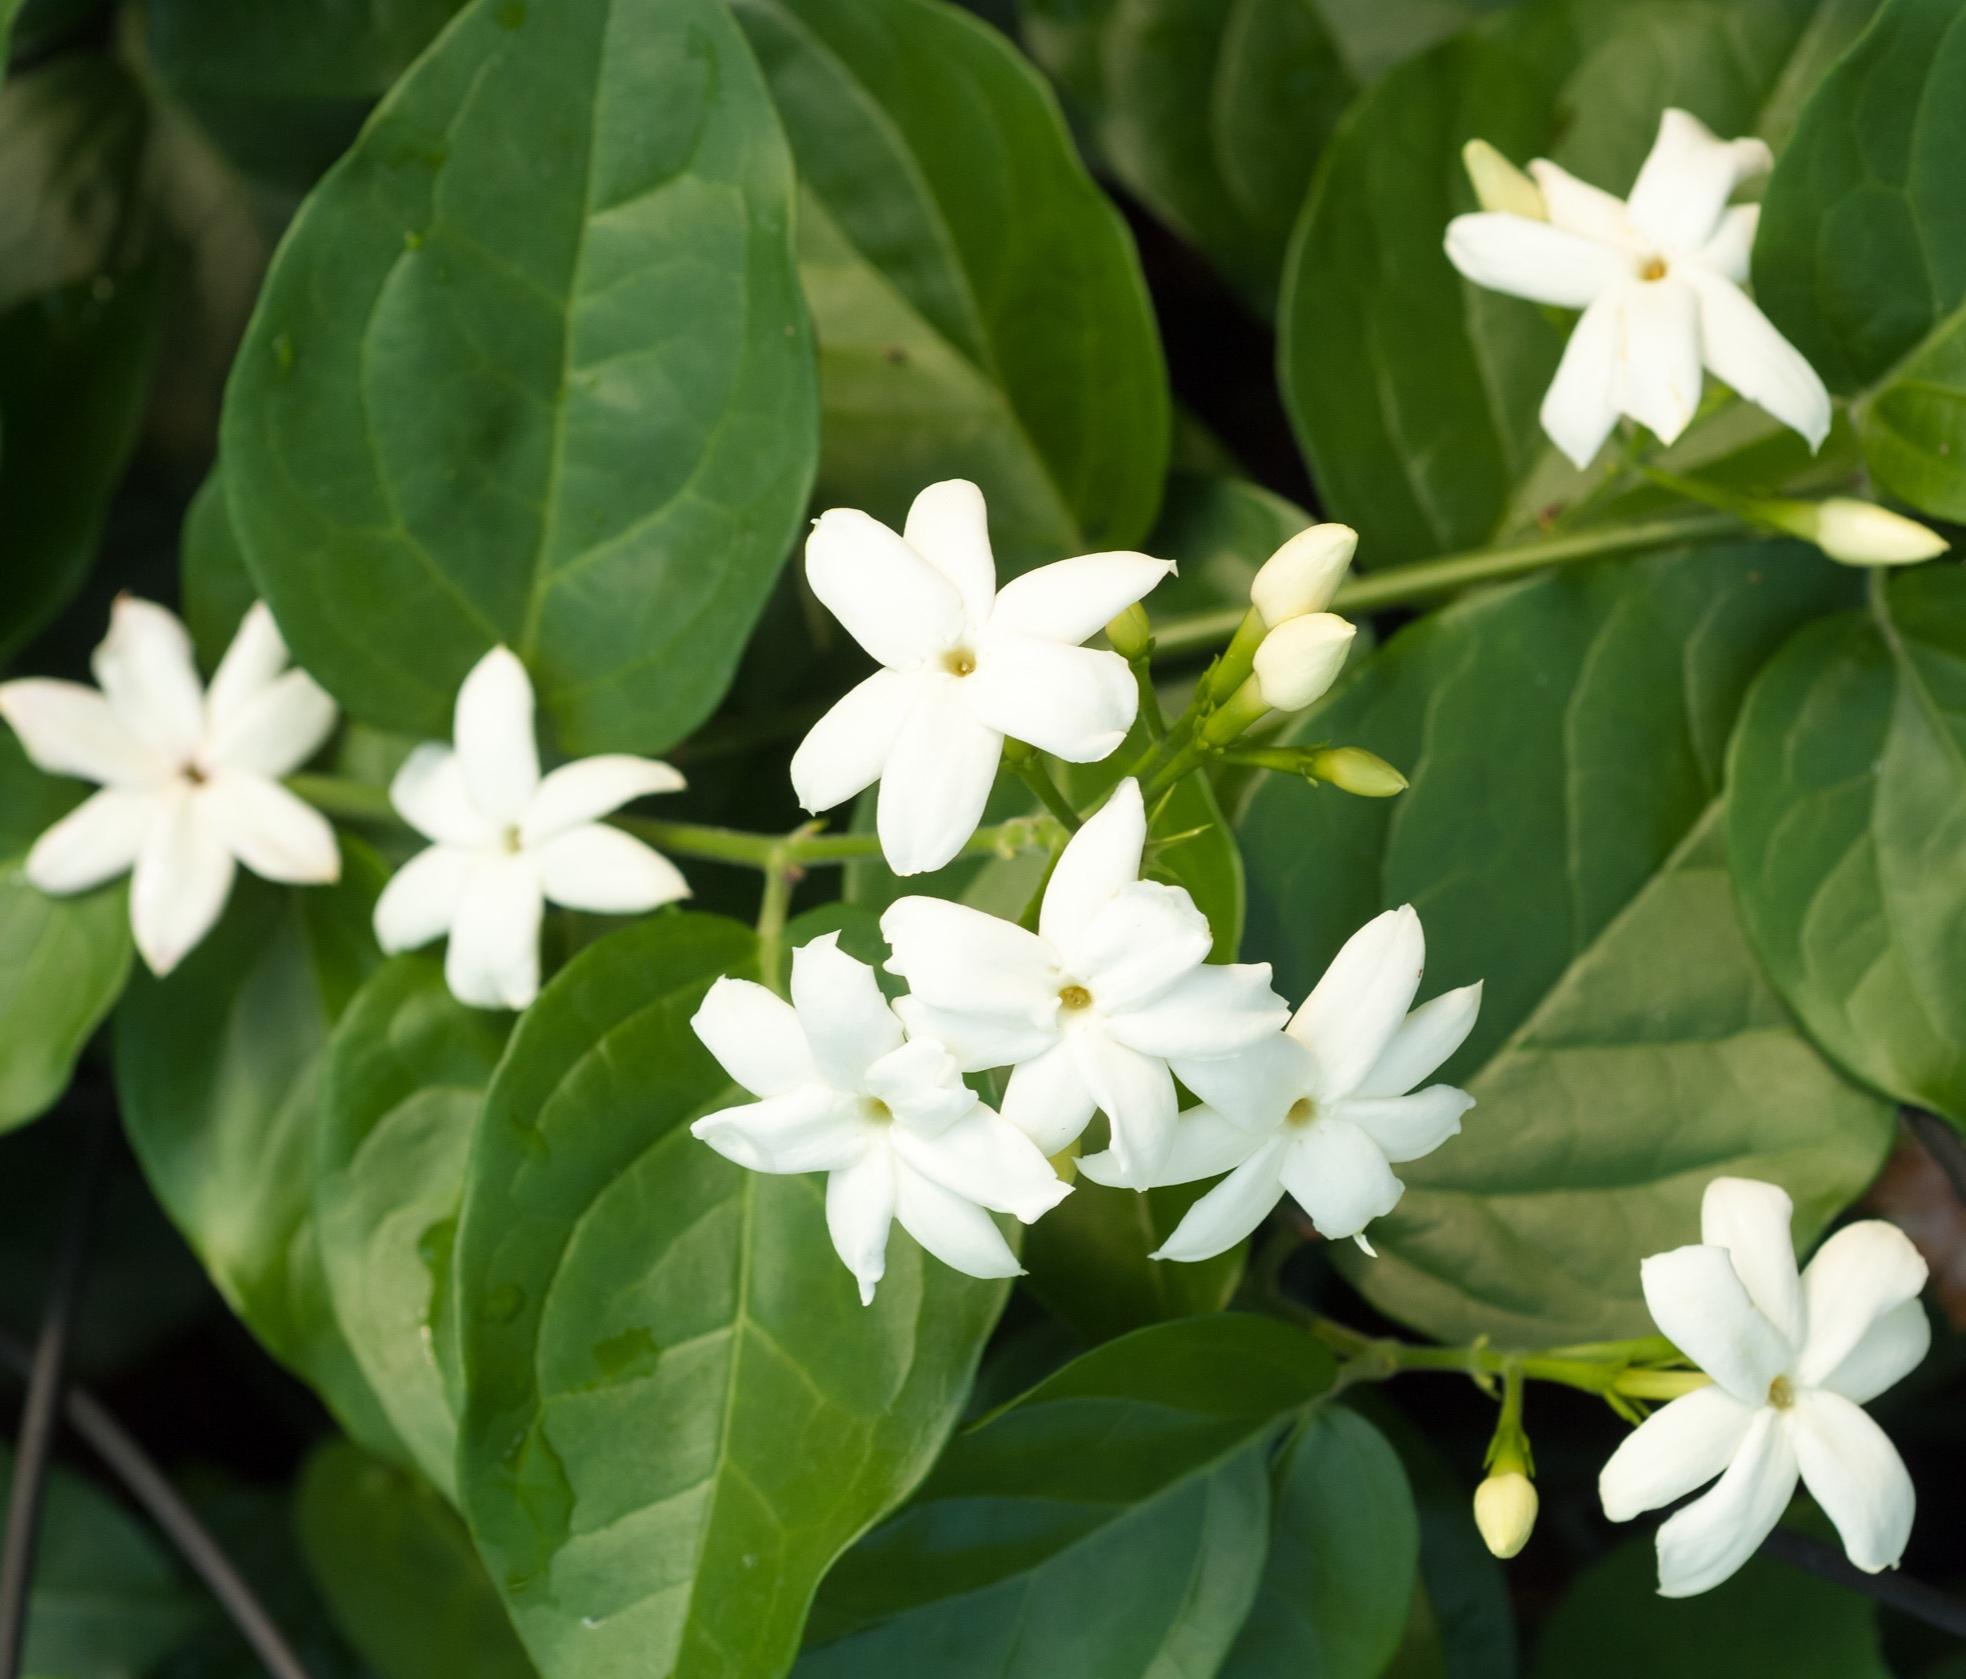 ABSOLUE DE JASMIN - Nom botanique : Jasminum GrandiflorumRégions productrices : Egypte, Maroc, Inde, GrasseFamille Olfactive : Florale JasminéeAdjectifs : fruité, foin, animalNote de cœurCaractéristiques techniques : On extrait les fleurs fraîches au solvant, on obtient alors la concrète que l'on distille pour obtenir l'absolue. En parfumerie, utiliser de l'absolue de Jasmin Grandiflorum est un luxe. Il faut ramasser environ 8000 fleurs de jasmin pour en avoir 1 kg et il faut 600kg de fleurs pour obtenir 1kg d'absolue ! On utilise également l'absolue de jasmin sambac au parfum beaucoup plus animal, miellé et moins fruité.